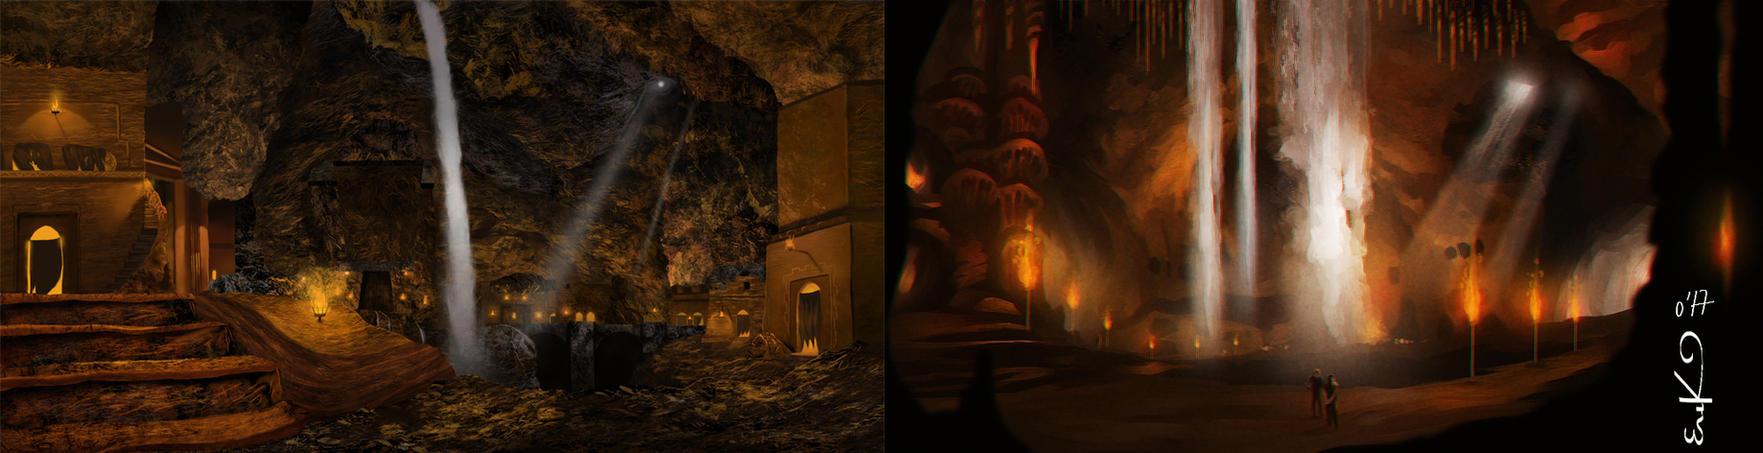 Cavern comparisson by MrRabLo